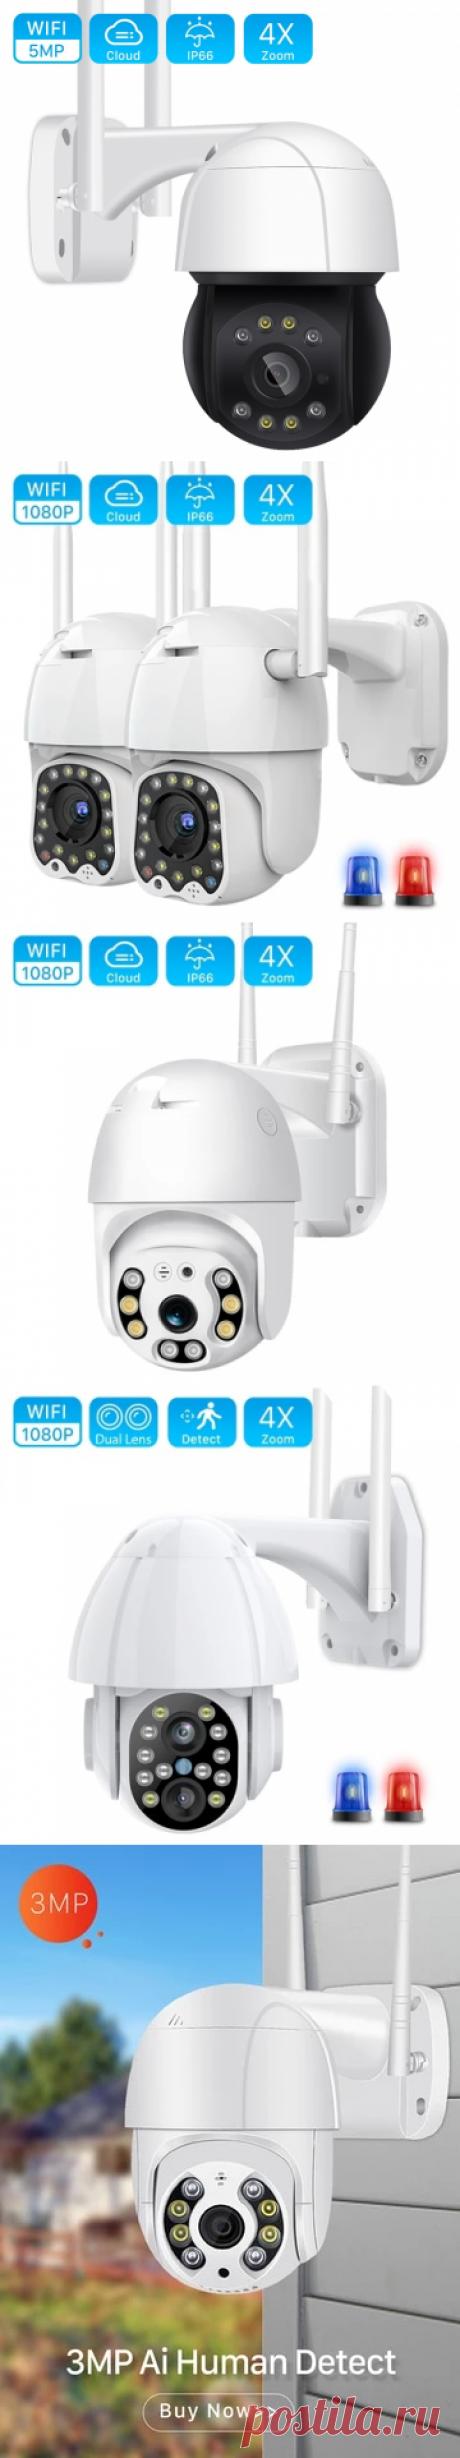 IP камера с датчиком присутствия, 5 МП, Wi Fi, H.265, 3 Мп, 4 кратный зум   Камеры видеонаблюдения